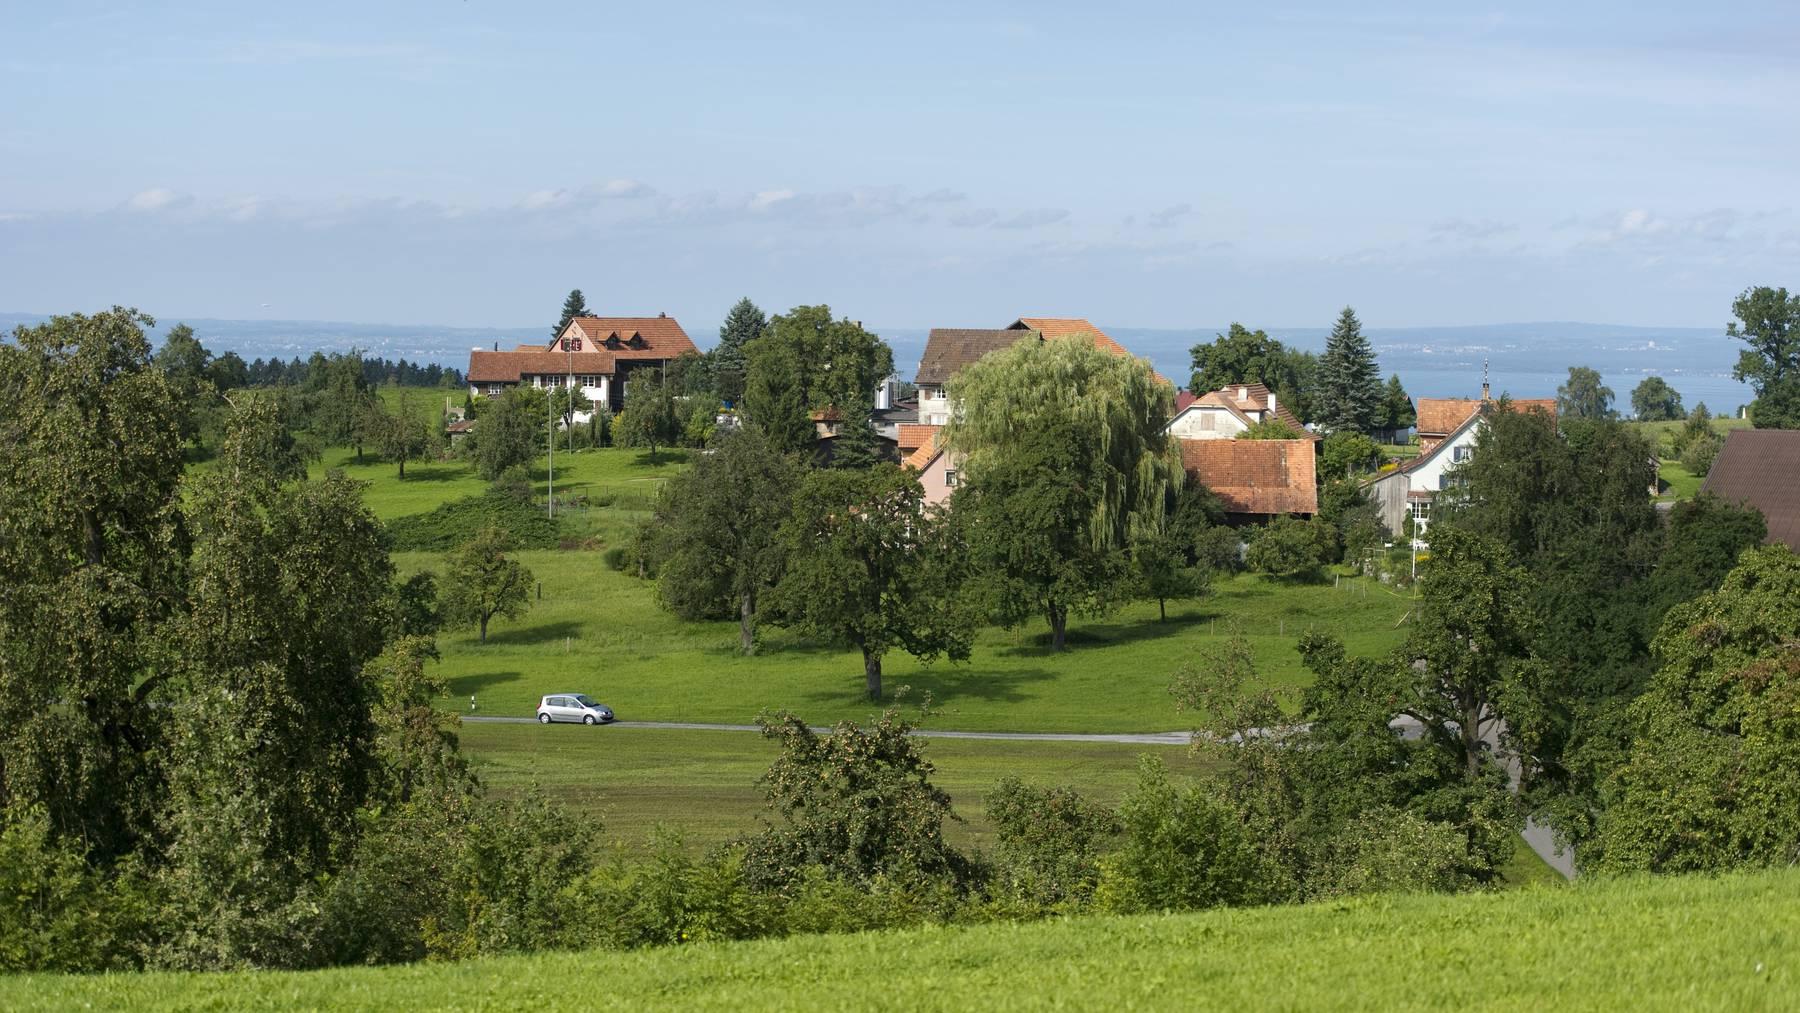 Die Weiler im Kanton Thurgau sollen umgezont werden, wenn es nach Bund und Kanton gehen soll. (Bild: Tagblatt)